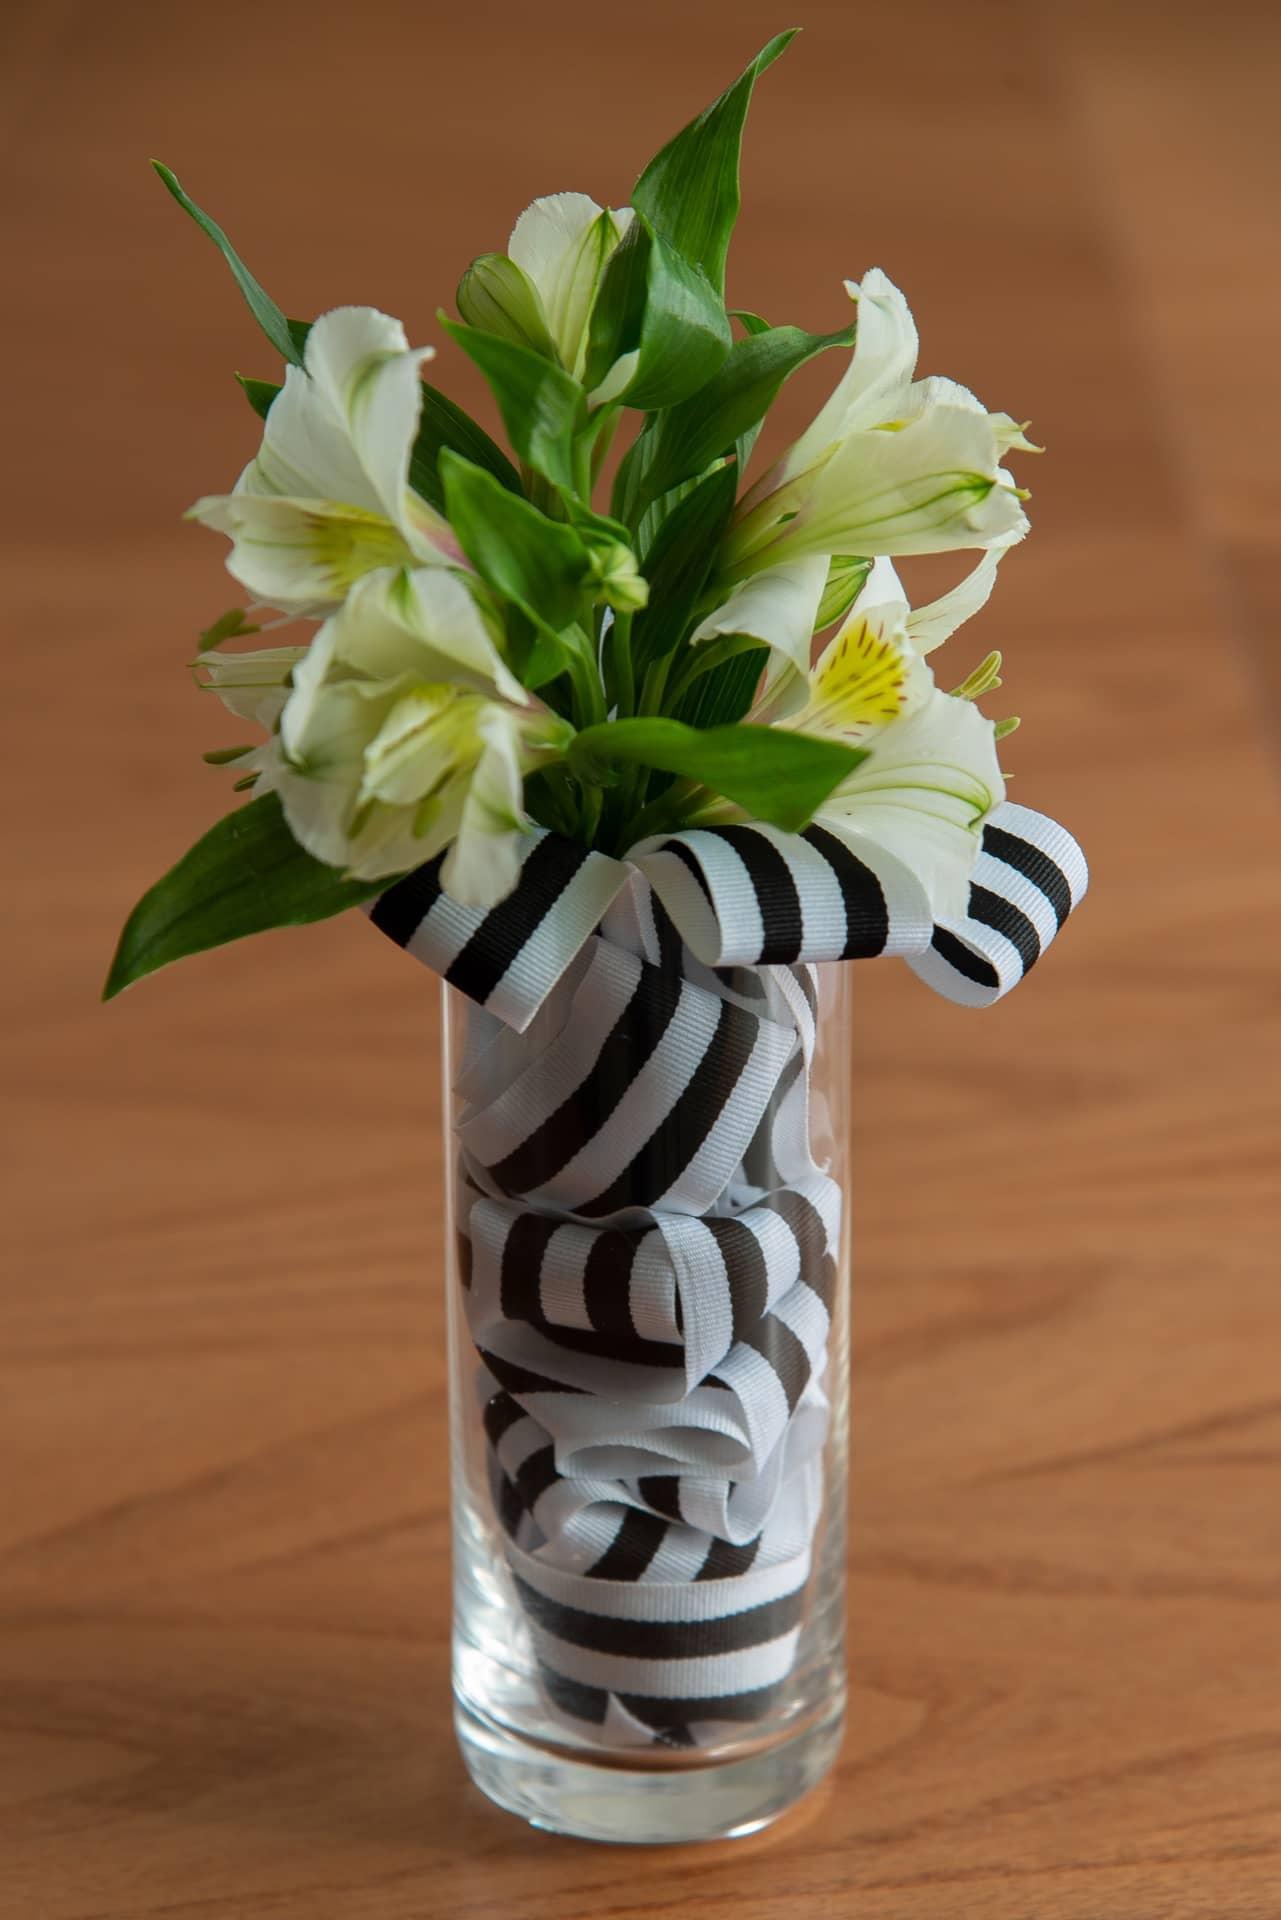 O arranjo de flores naturais está pronto! Aqui, usamos hastes de alstroemérias, mas você pode usar rosas, lisianthus, ou outras flores de sua preferência Foto: Cacá Bratke